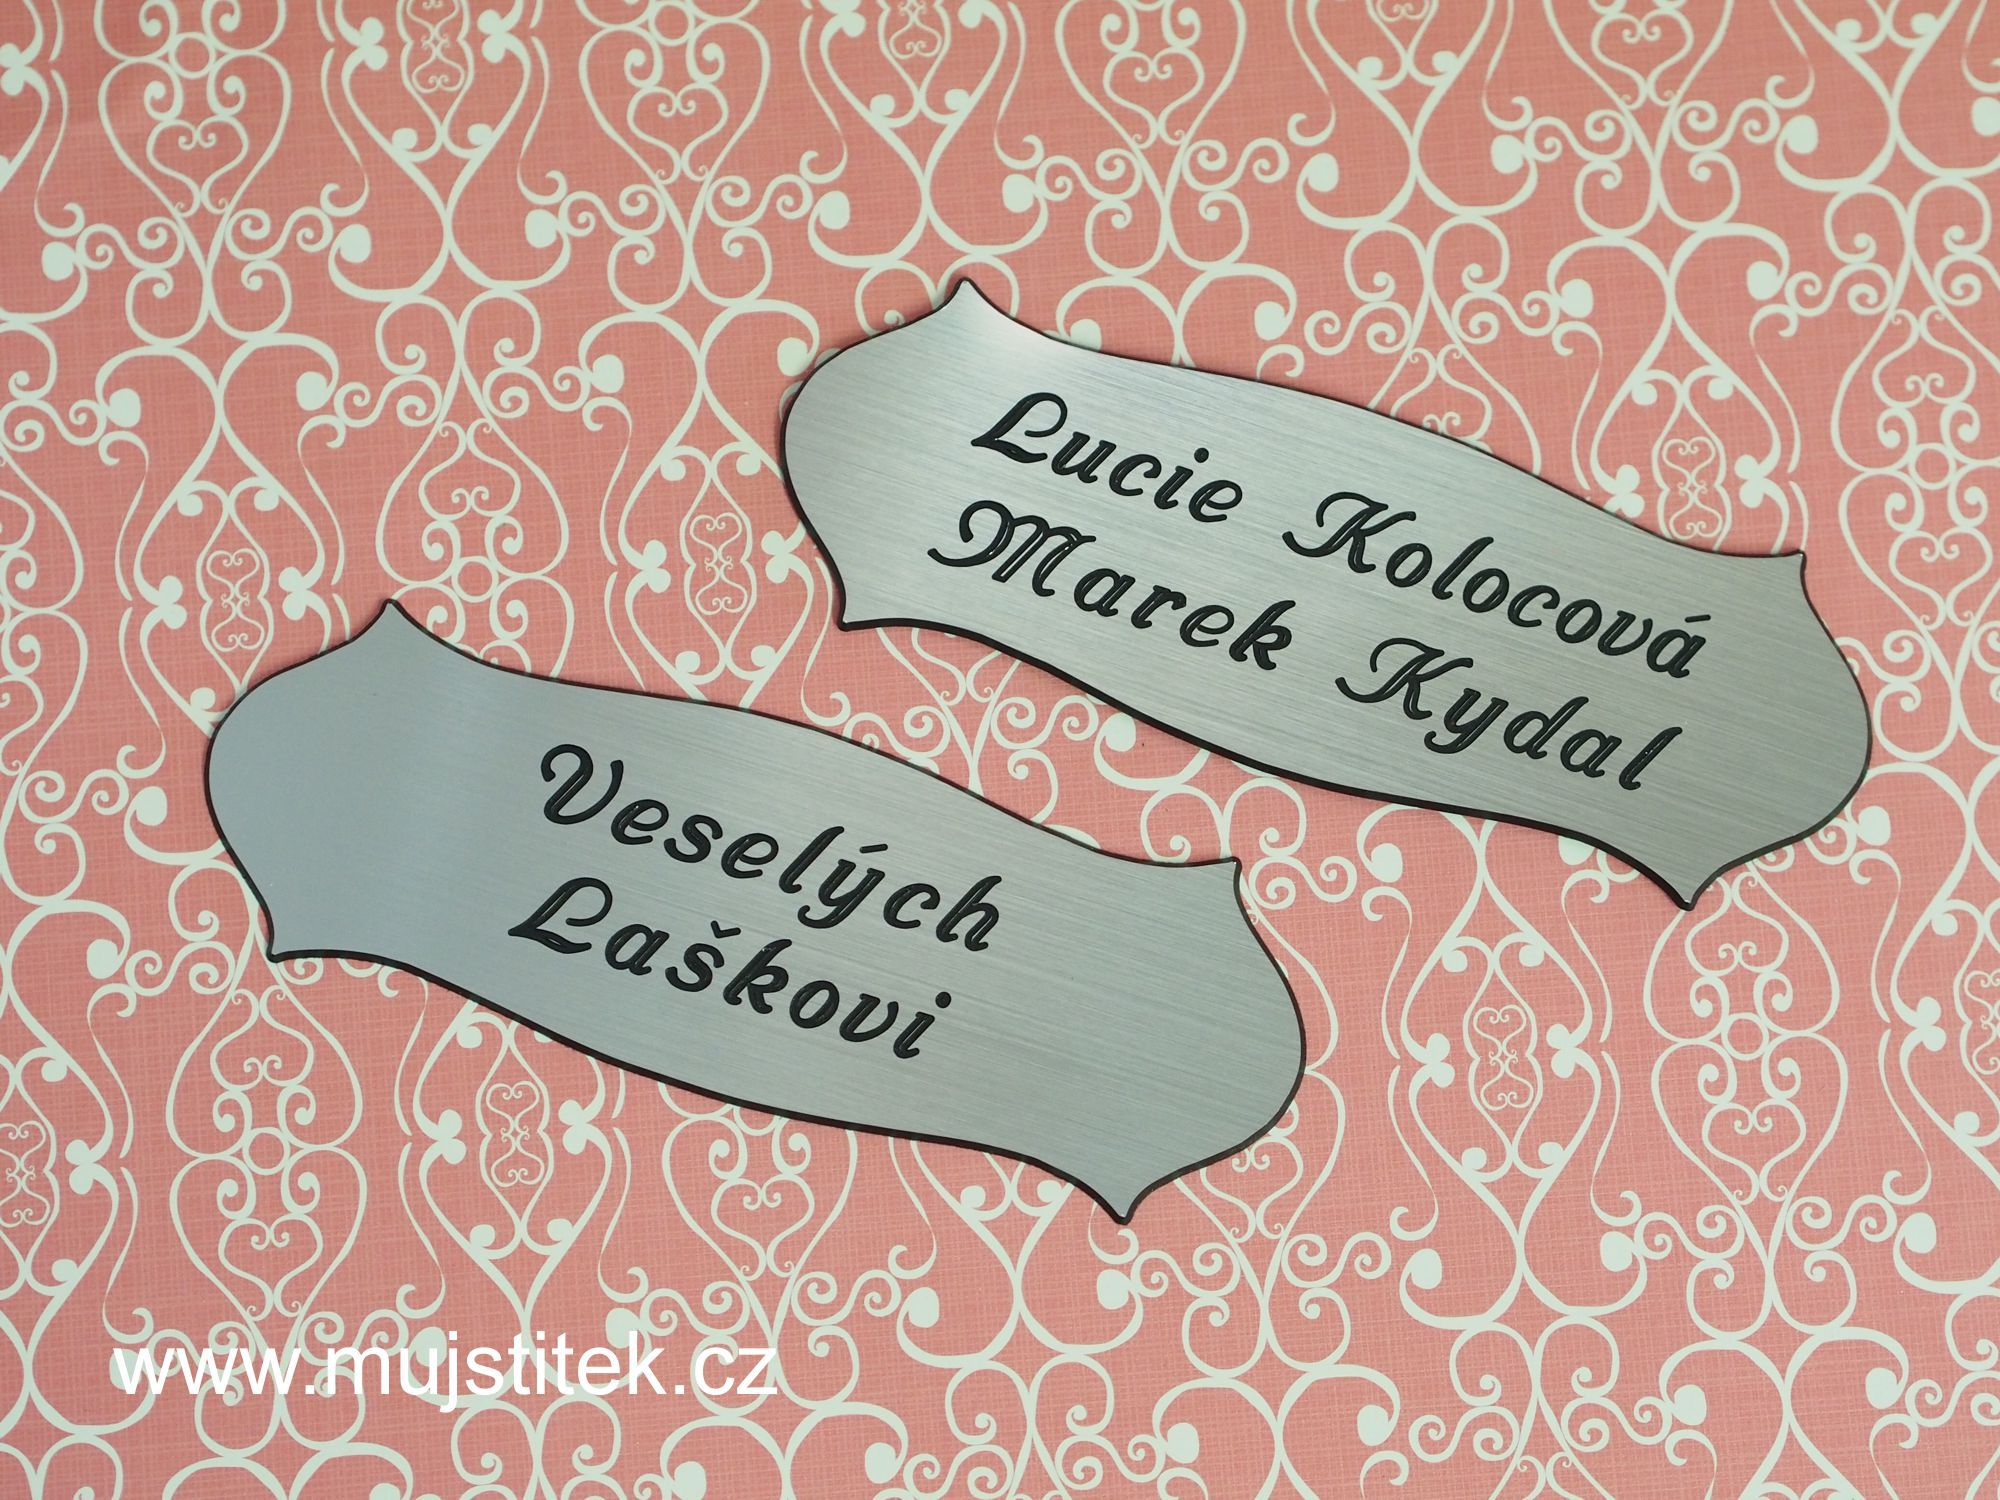 Plastové jmenovky na domovní dveře ... http://www.mujstitek.cz/plastove-jmenovky/89-plastova-jmenovka-na-dvere-stribrna-typ-h.html